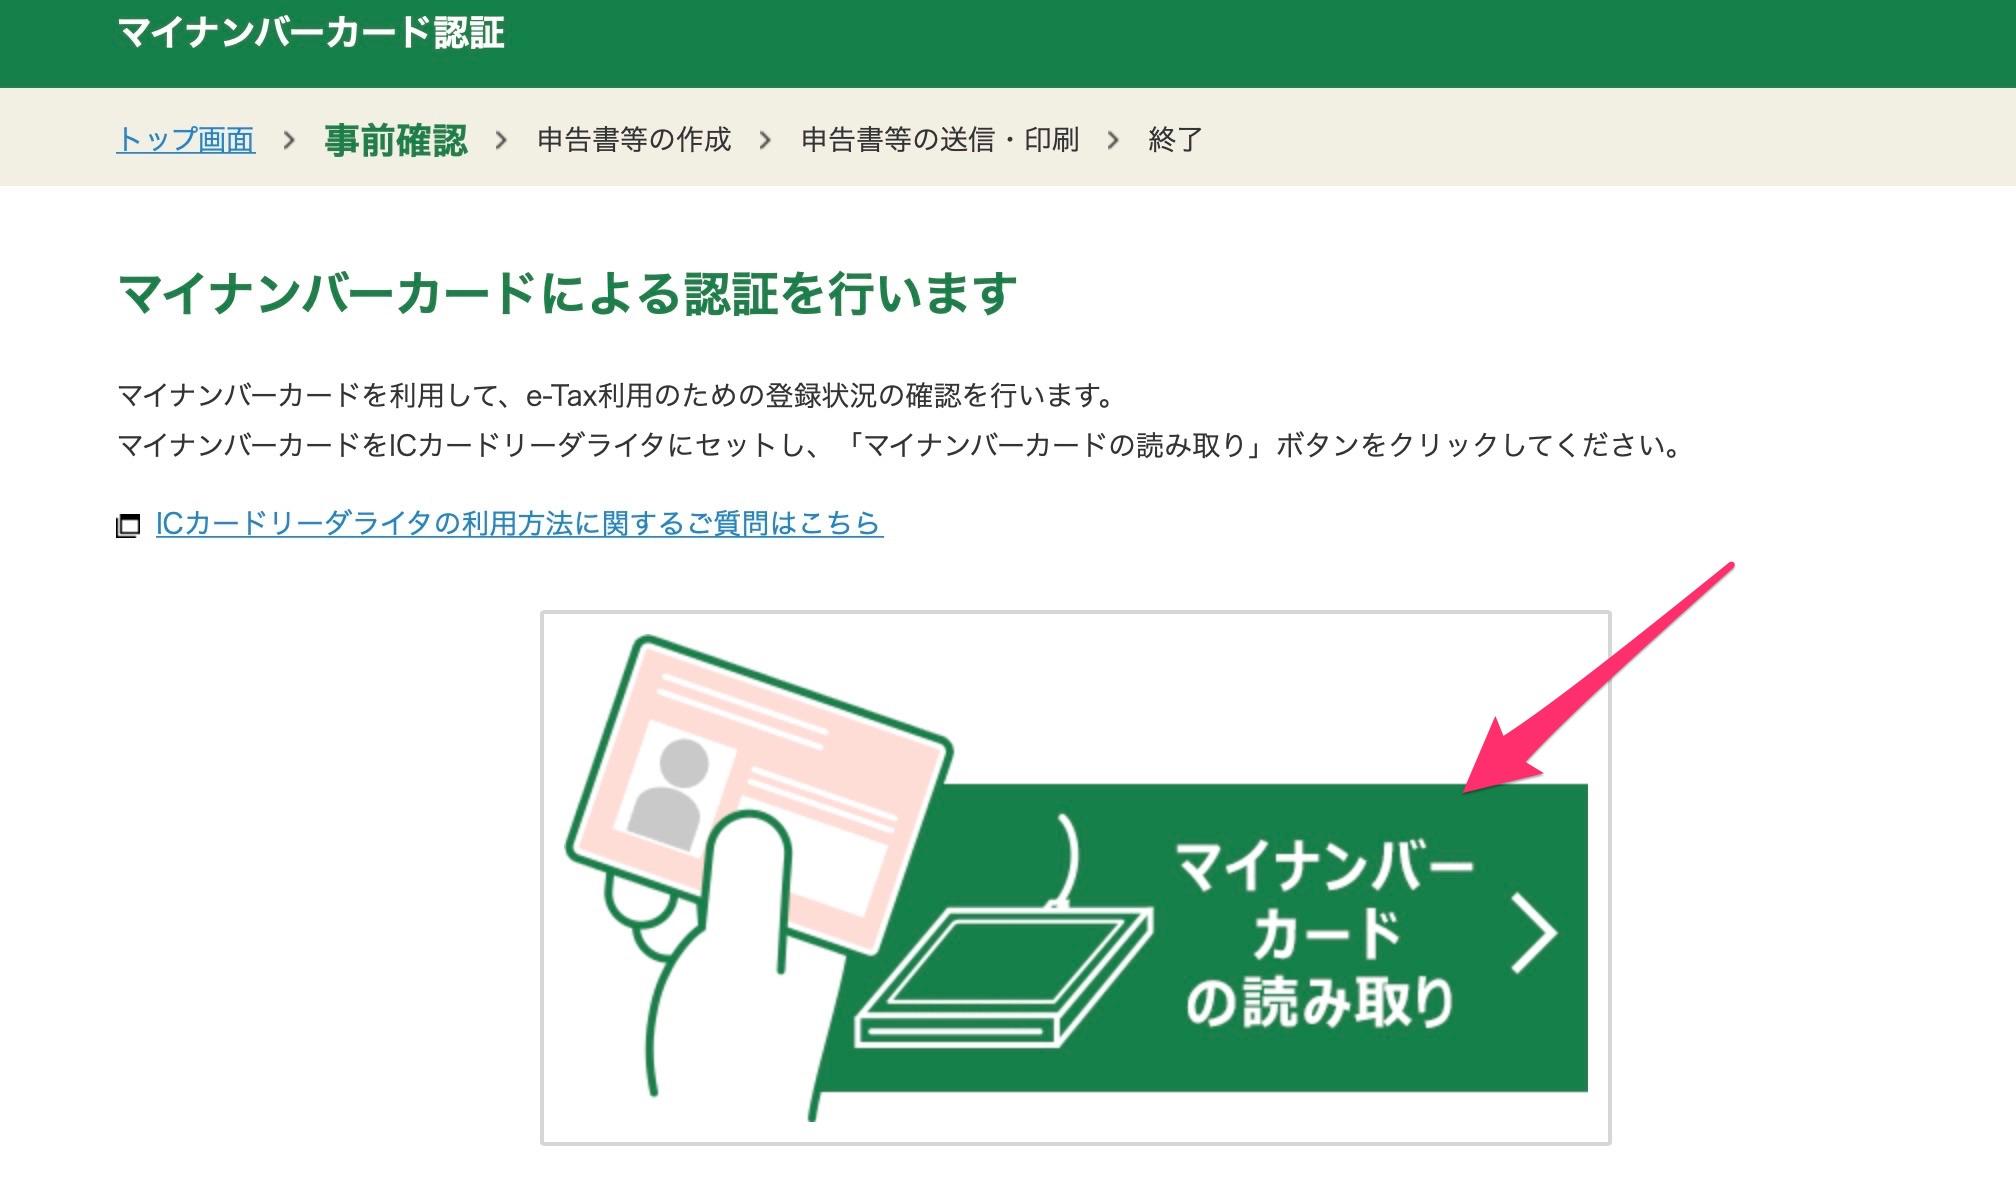 e-Taxで確定申告 マイナンバーカード カードリーダー